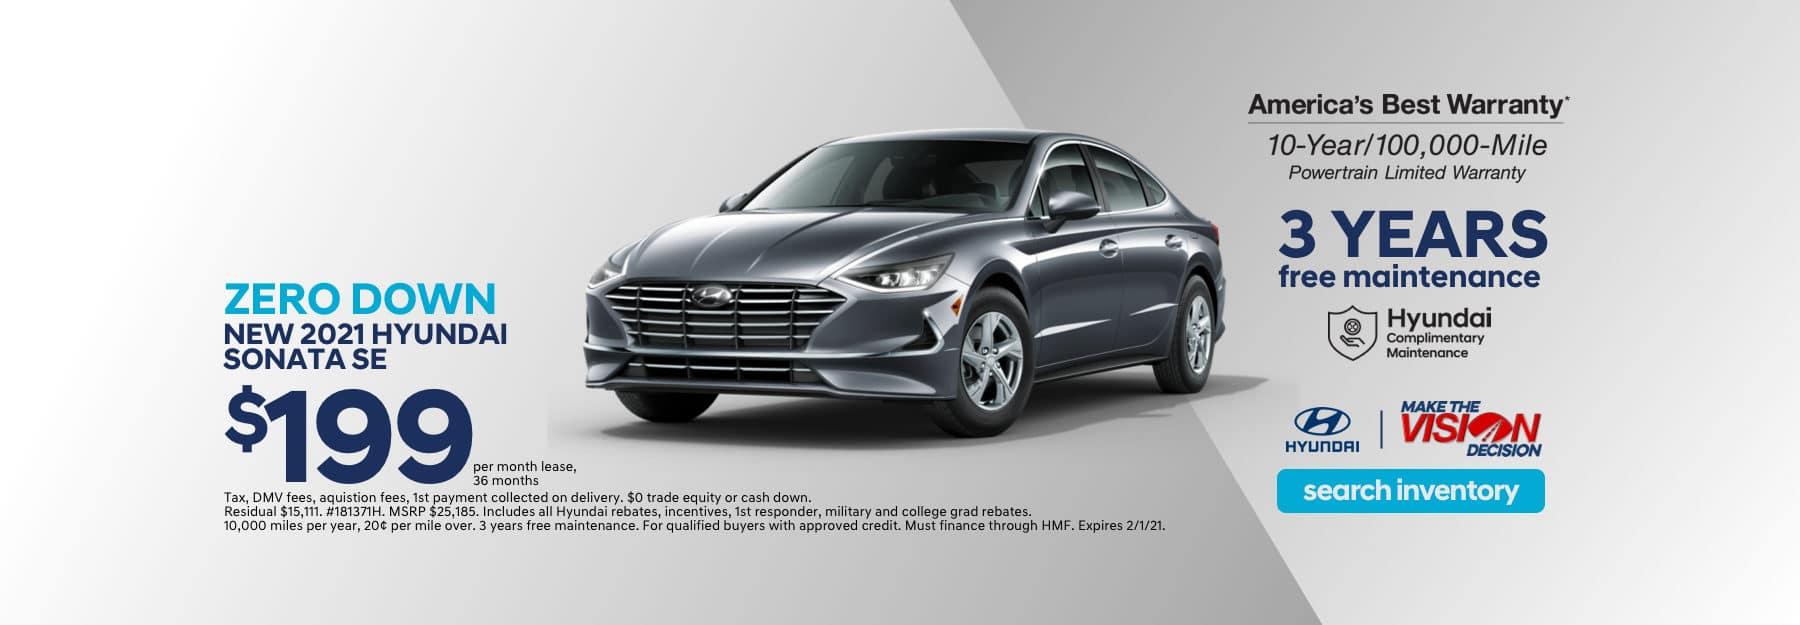 Vision-Hyundai-Sliders-0106-Sonata